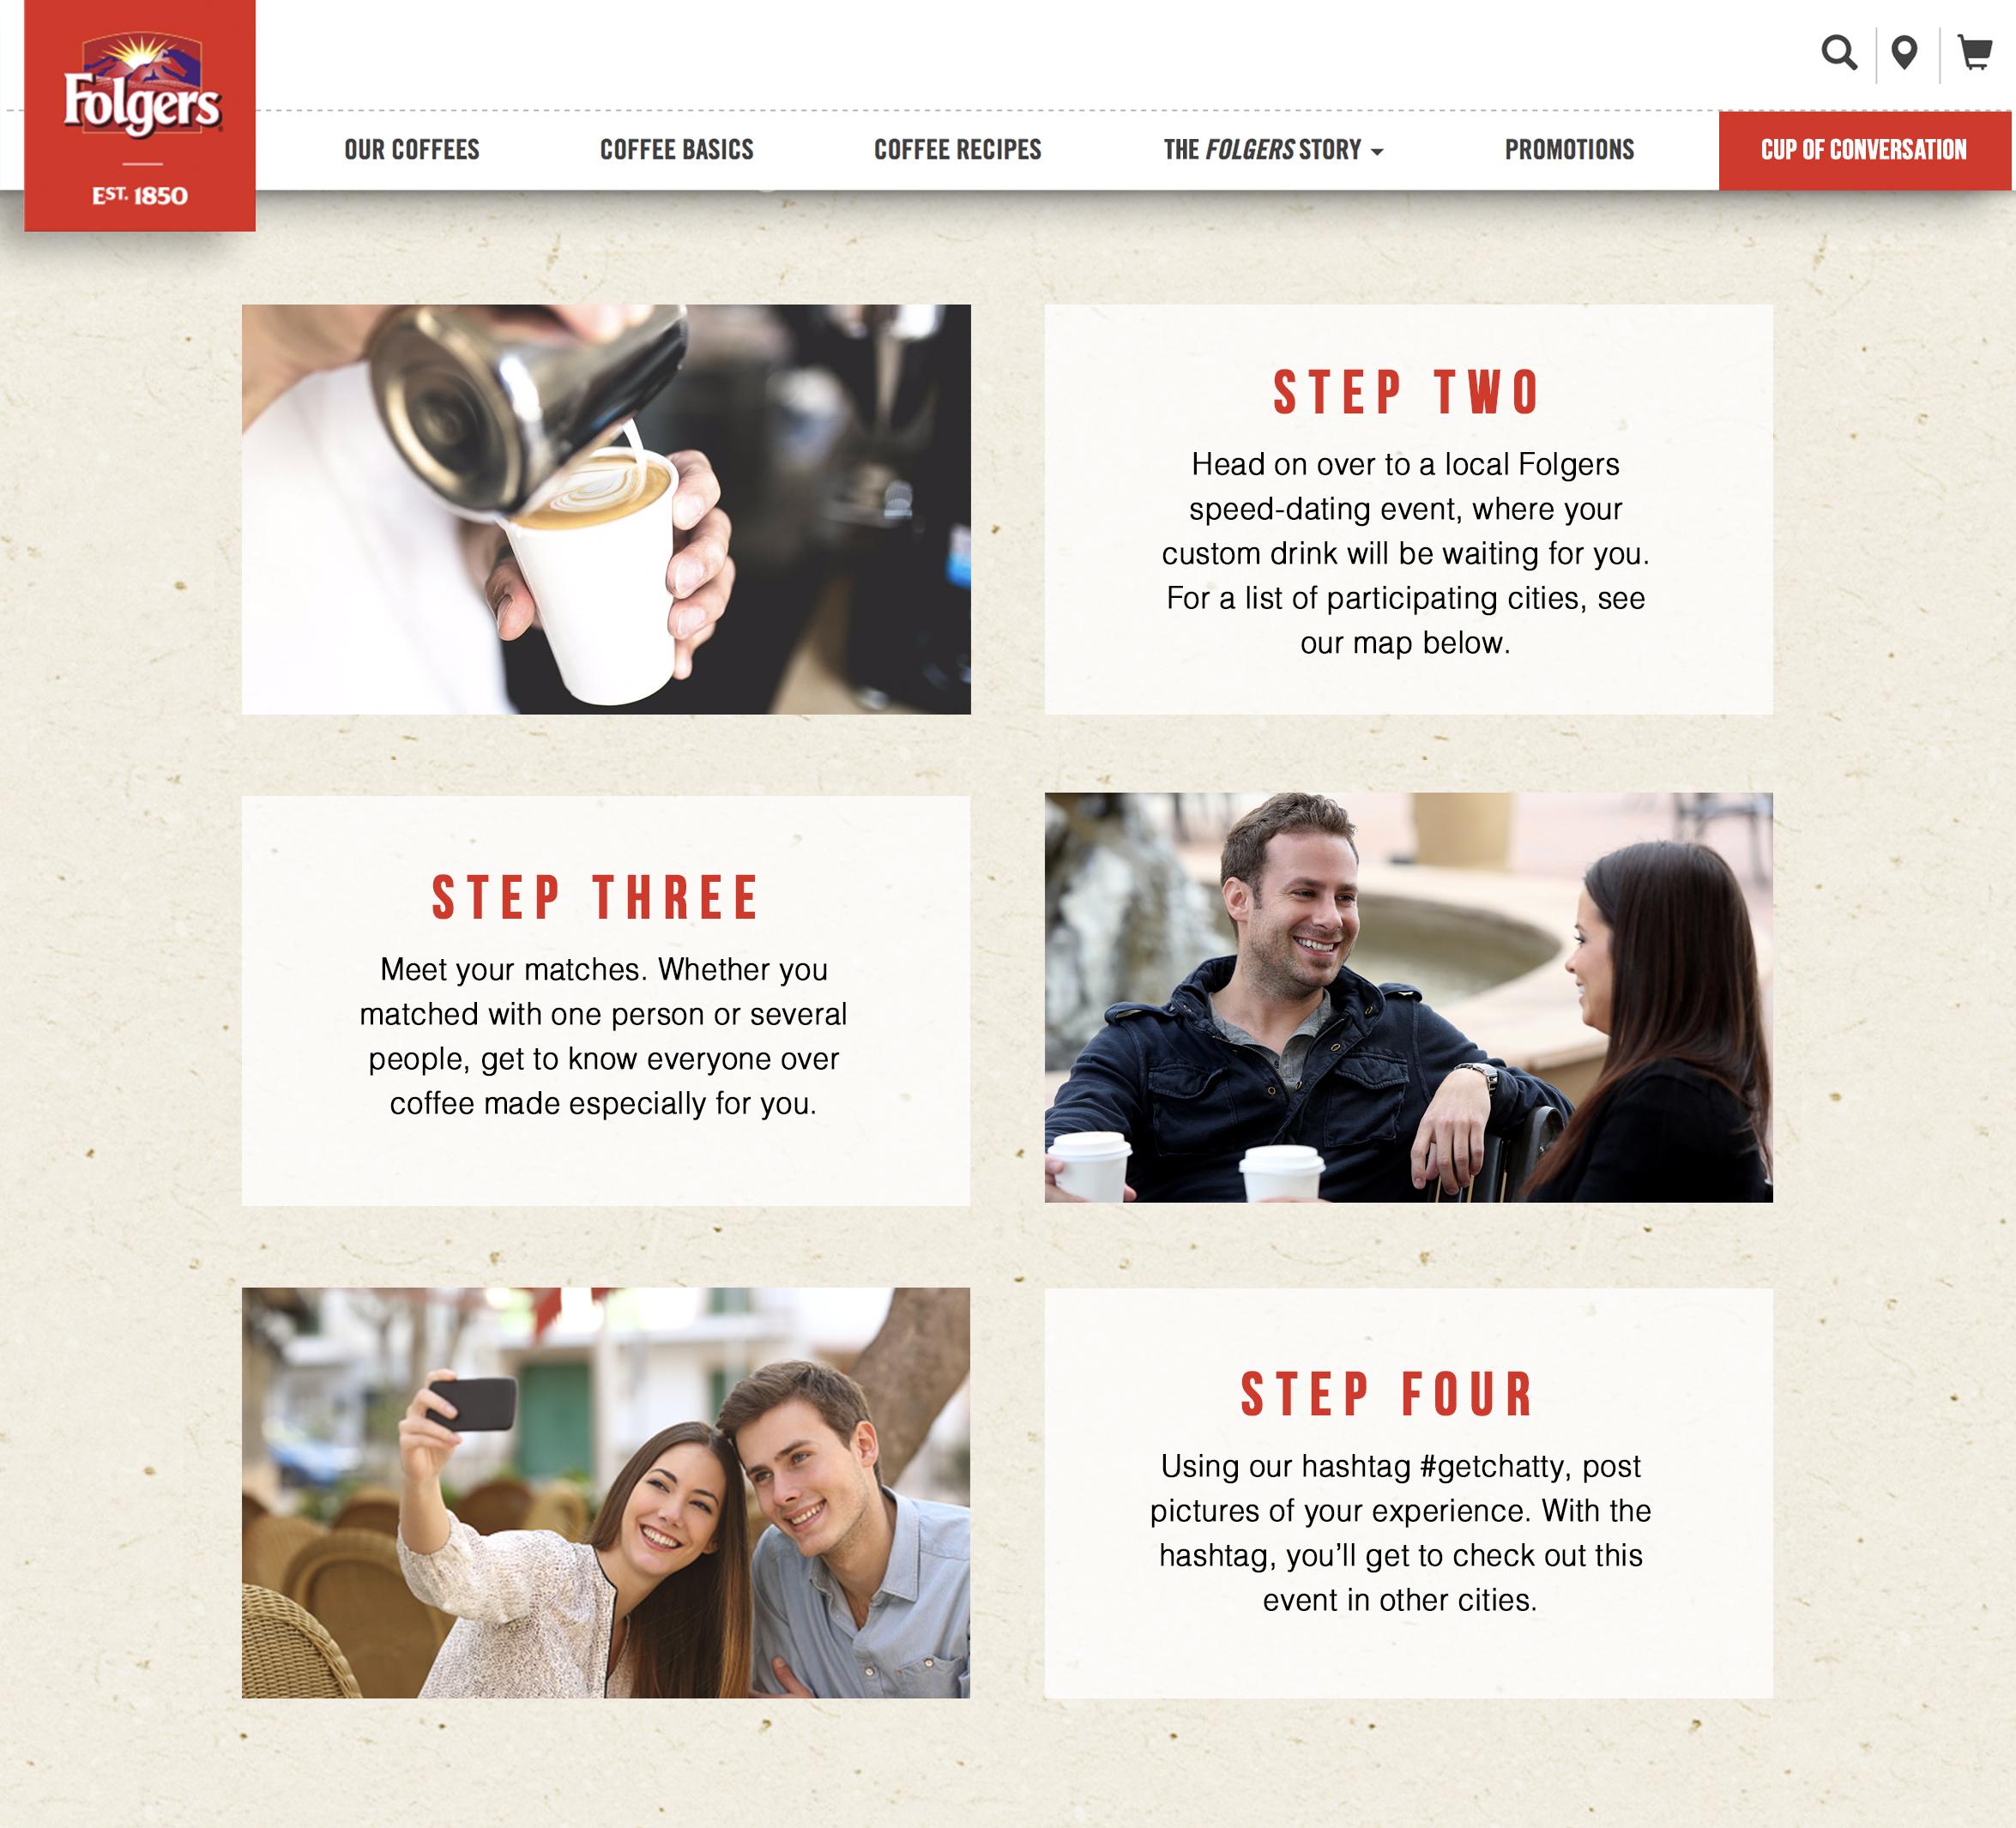 folgers website pg 2.jpg